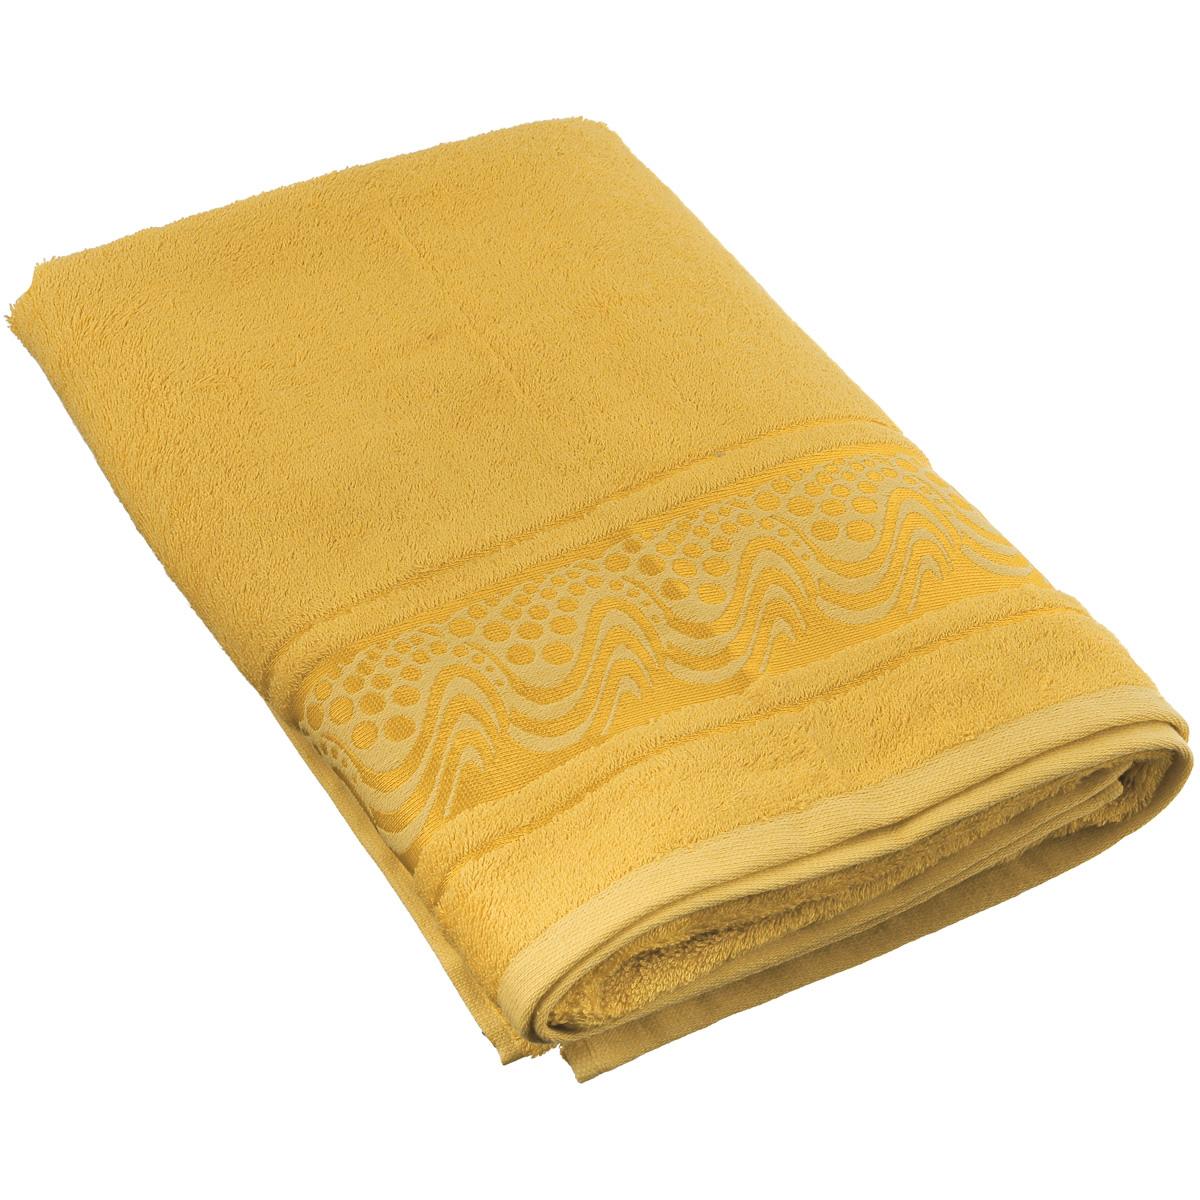 Полотенце Mariposa Aqua, цвет: золотистый, 50 х 90 см62443Полотенце Mariposa Aqua, изготовленное из 60% бамбука и 40% хлопка, подарит массу положительных эмоций и приятных ощущений. Полотенца из бамбука только издали похожи на обычные. На самом деле, при первом же прикосновении вы ощутите невероятную мягкость и шелковистость. Таким полотенцем не нужно вытираться - только коснитесь кожи - и ткань сама все впитает! Несмотря на богатую плотность и высокую петлю полотенца, оно быстро сохнет, остается легким даже при намокании. Полотенце оформлено волнистым рисунком. Благородный тон создает уют и подчеркивает лучшие качества махровой ткани. Полотенце Mariposa Aqua станет достойным выбором для вас и приятным подарком для ваших близких. Размер полотенца: 50 см х 90 см.